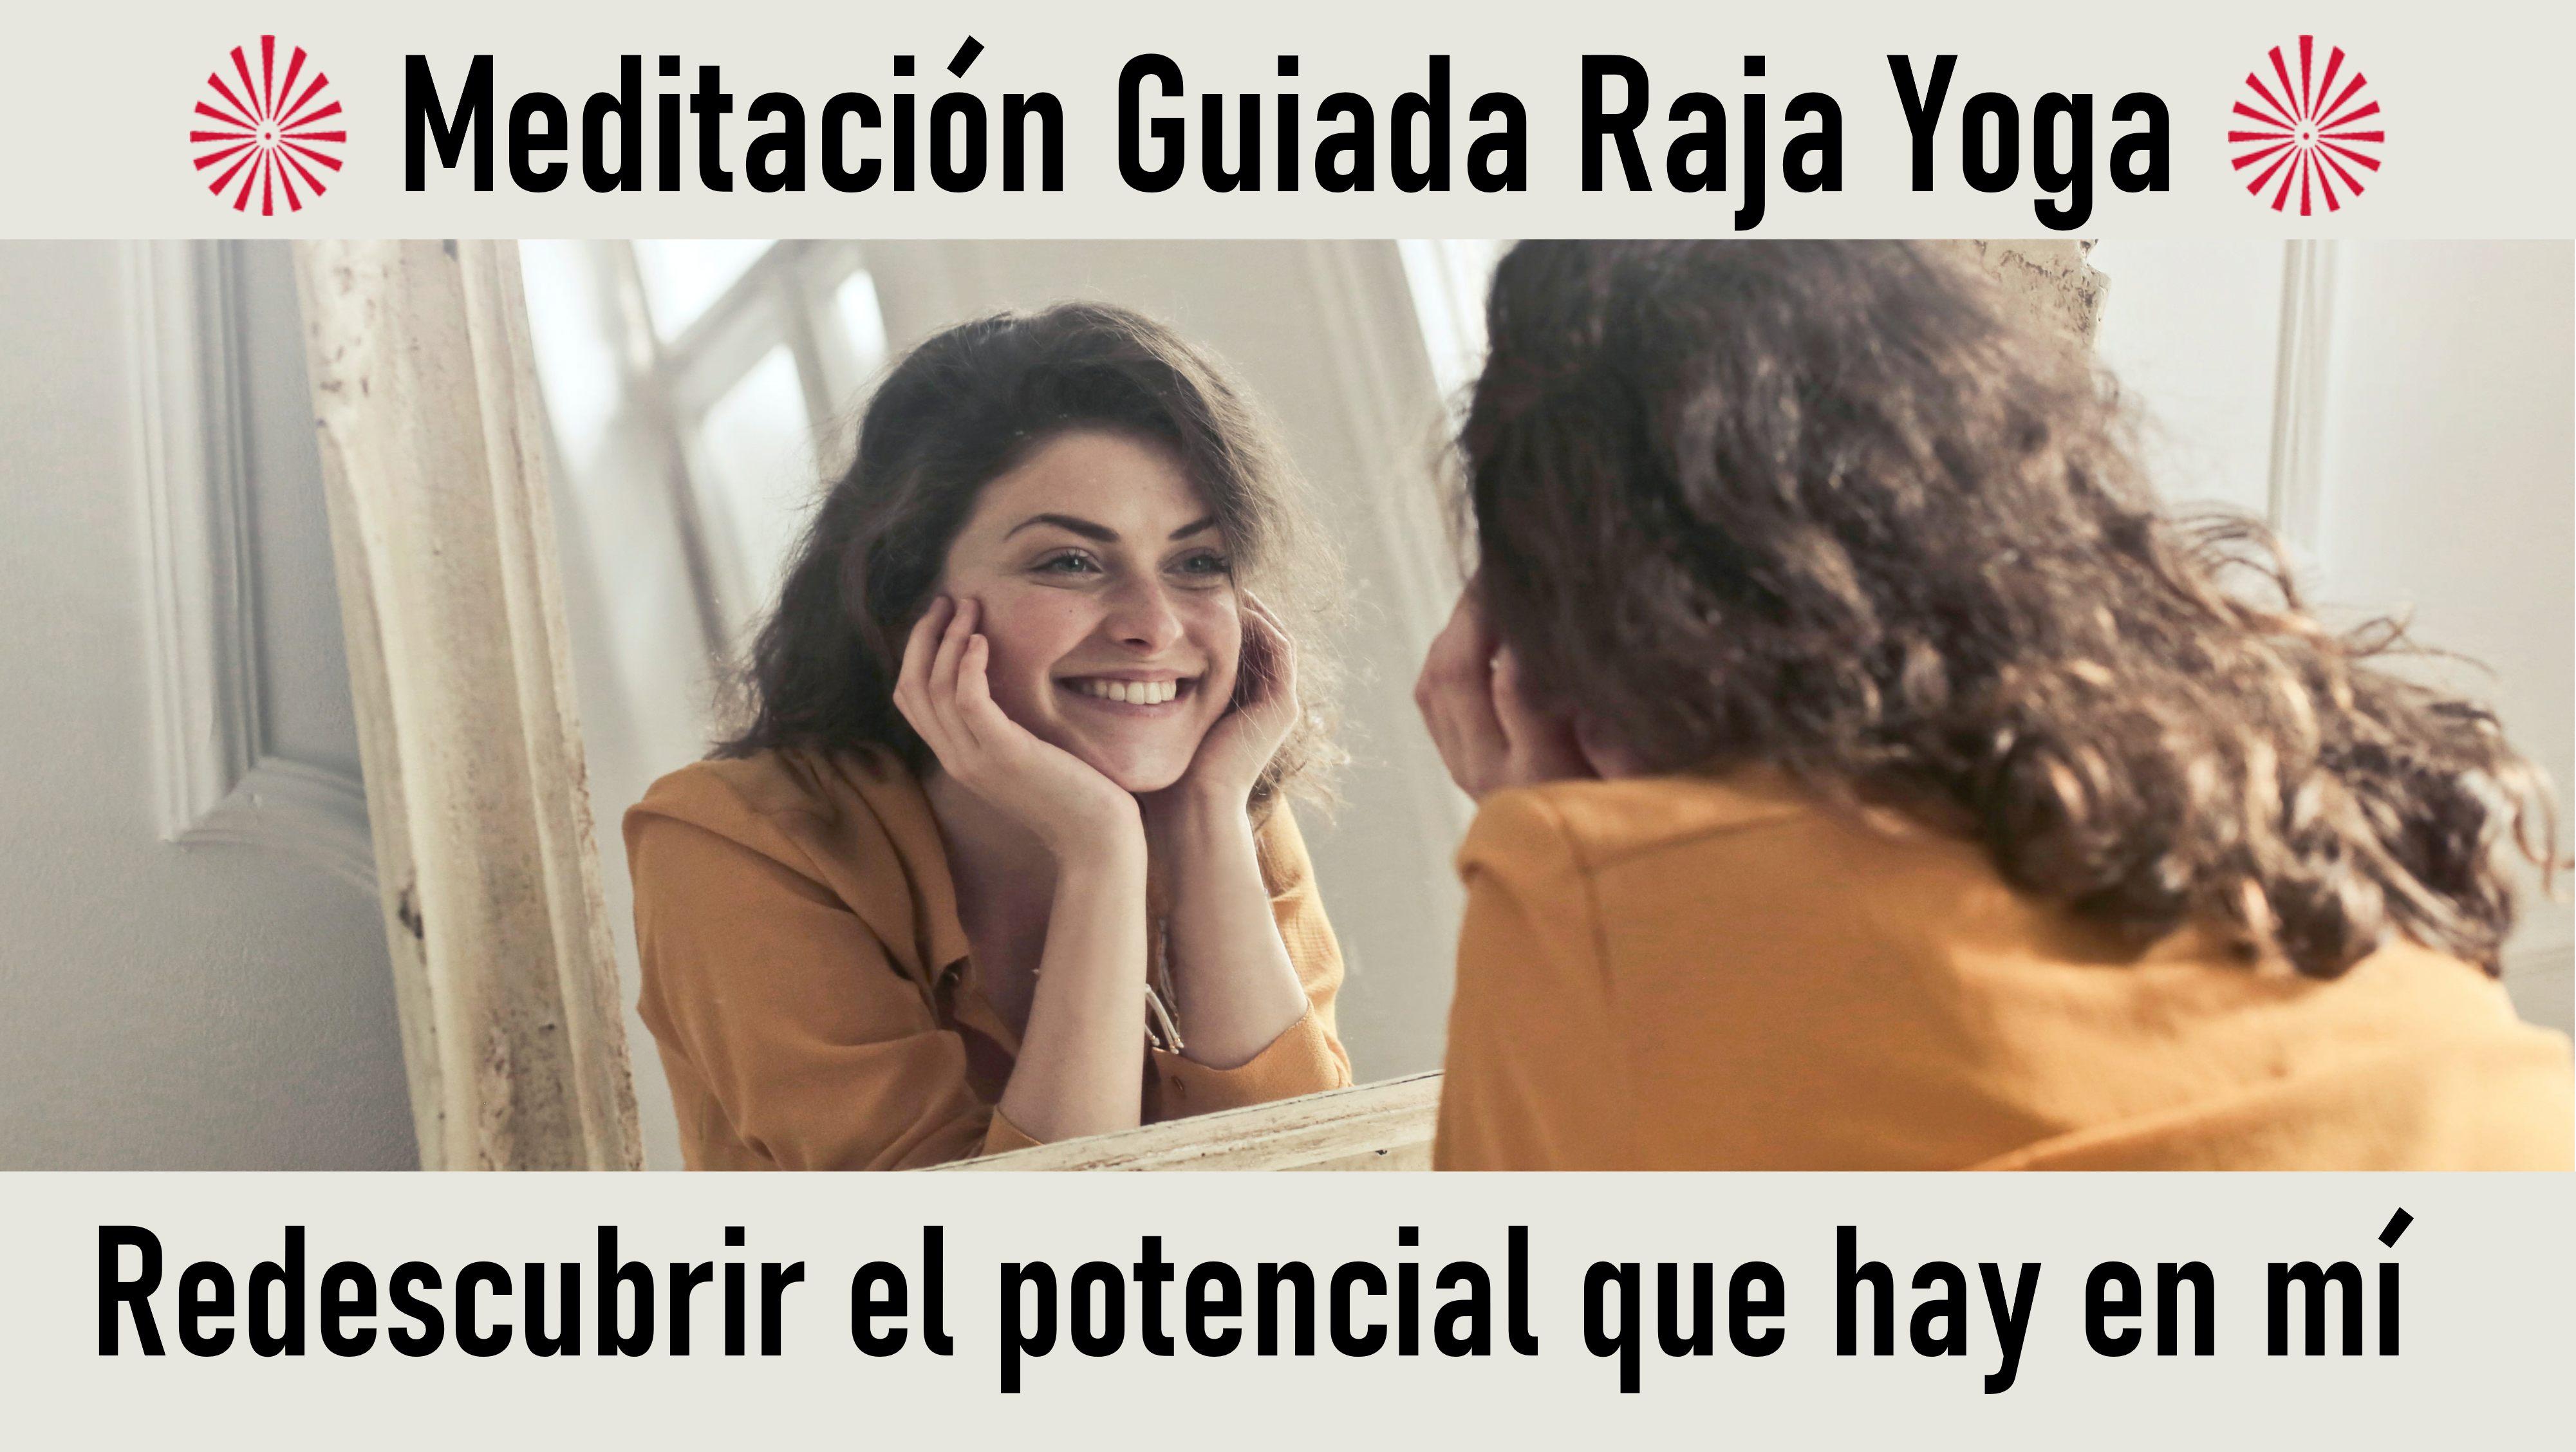 Meditación Raja Yoga: Redescubrir el potencial que hay en mí (1 Octubre 2020) On-line desde Barcelona